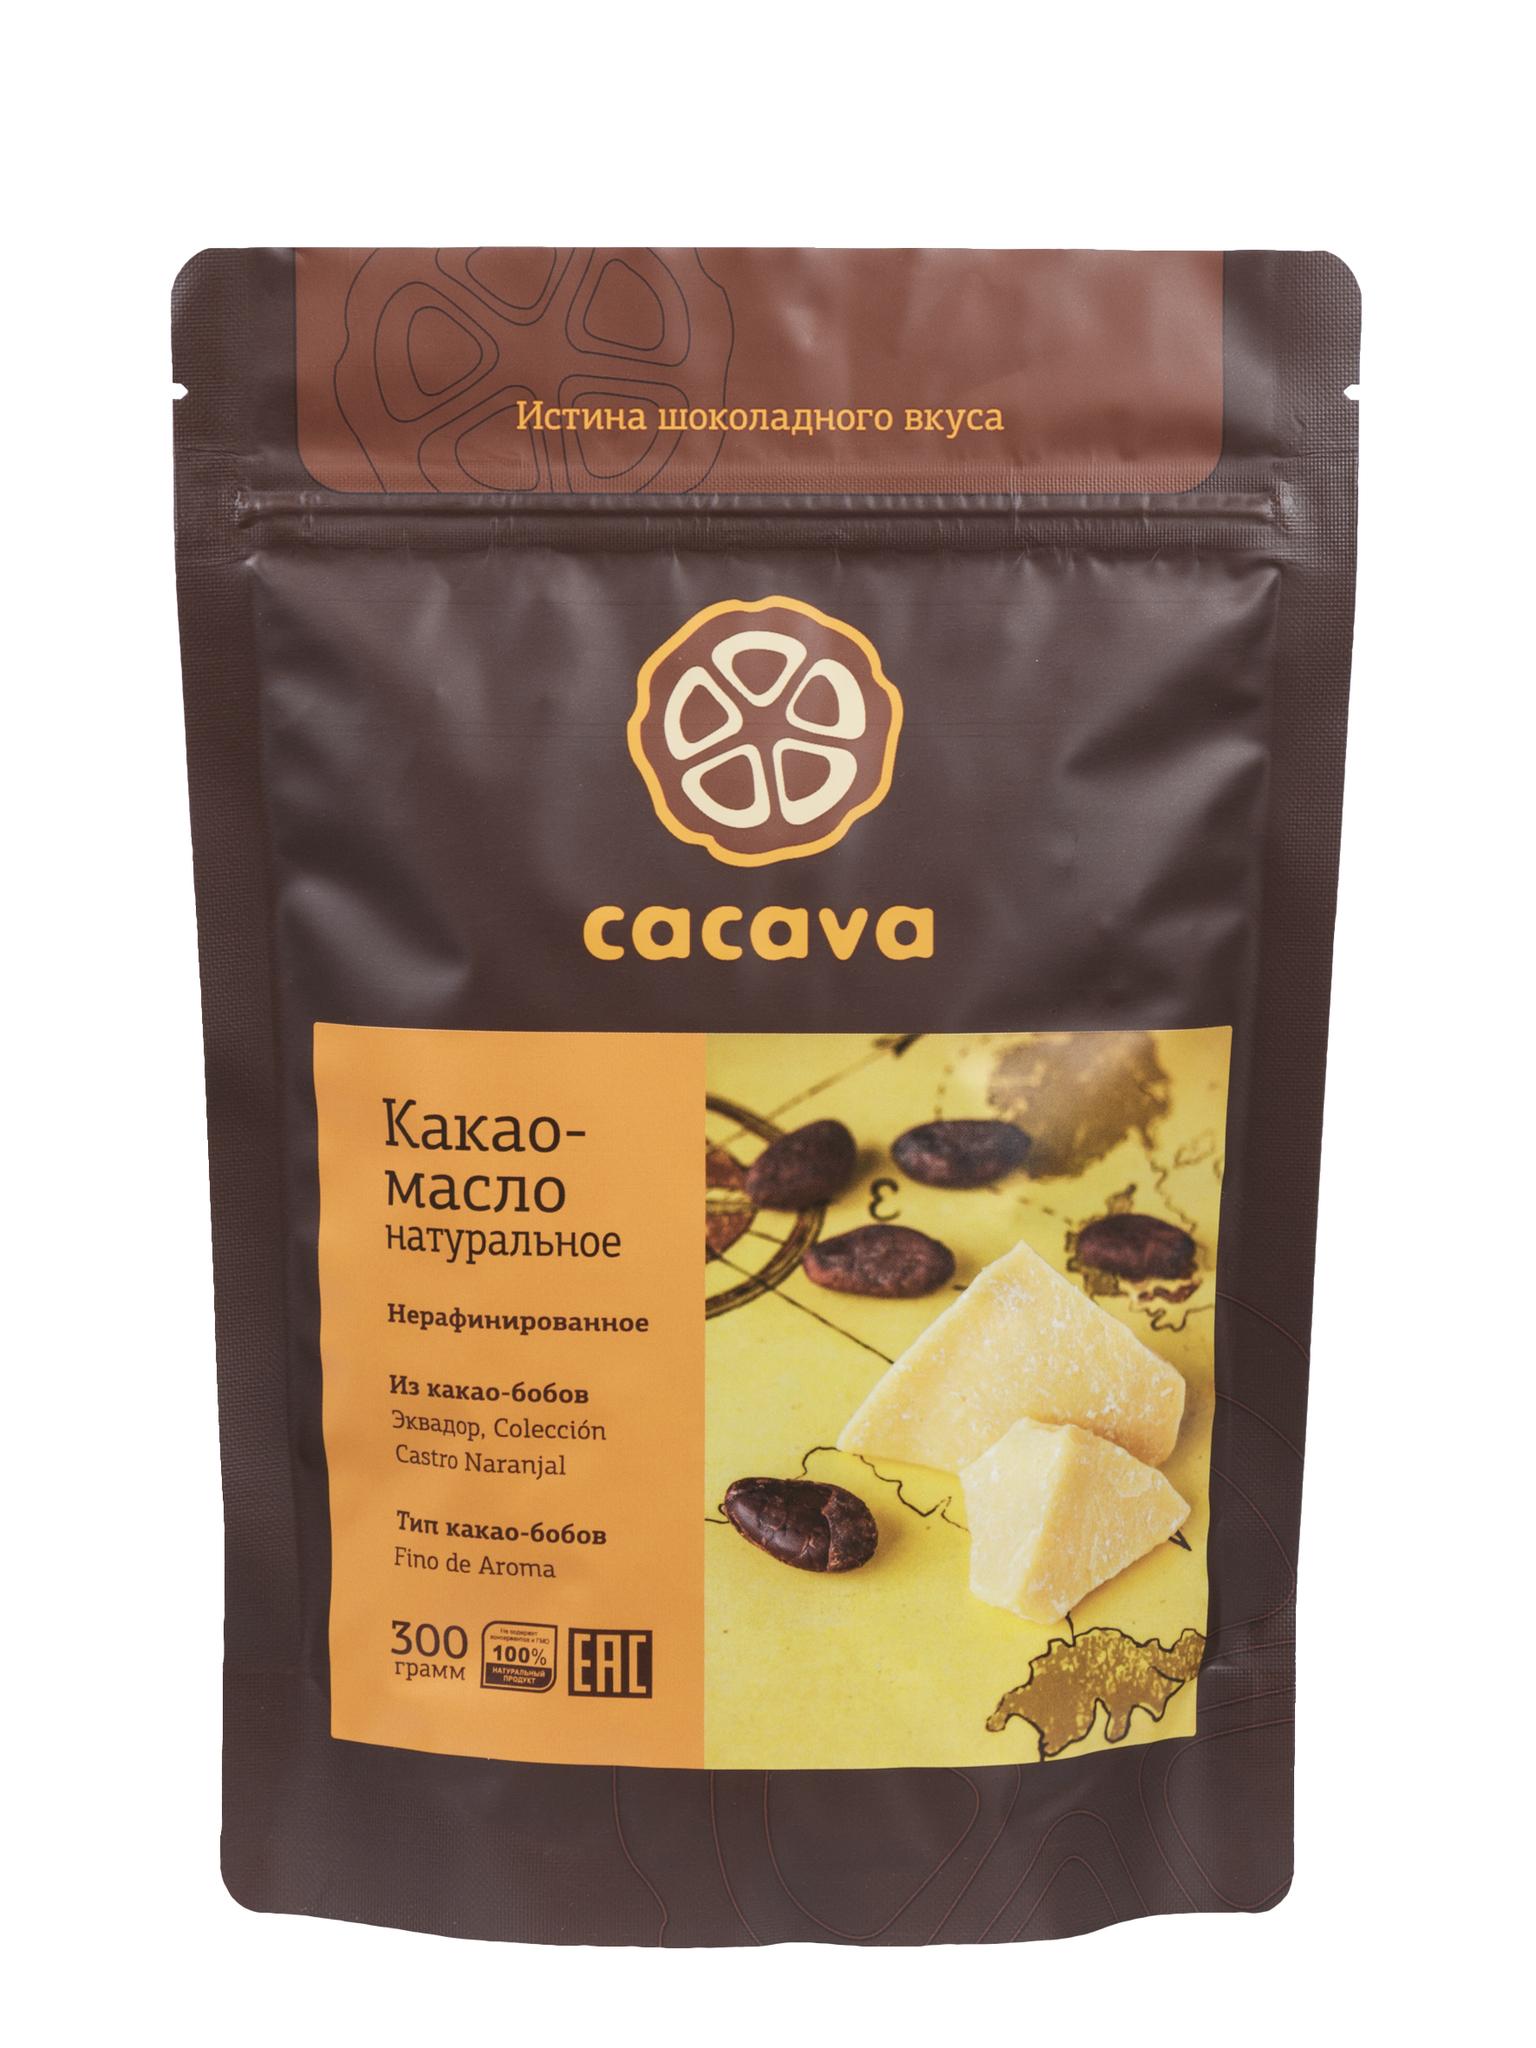 Какао-масло нерафинированное (Эквадор), упаковка 300 грамм